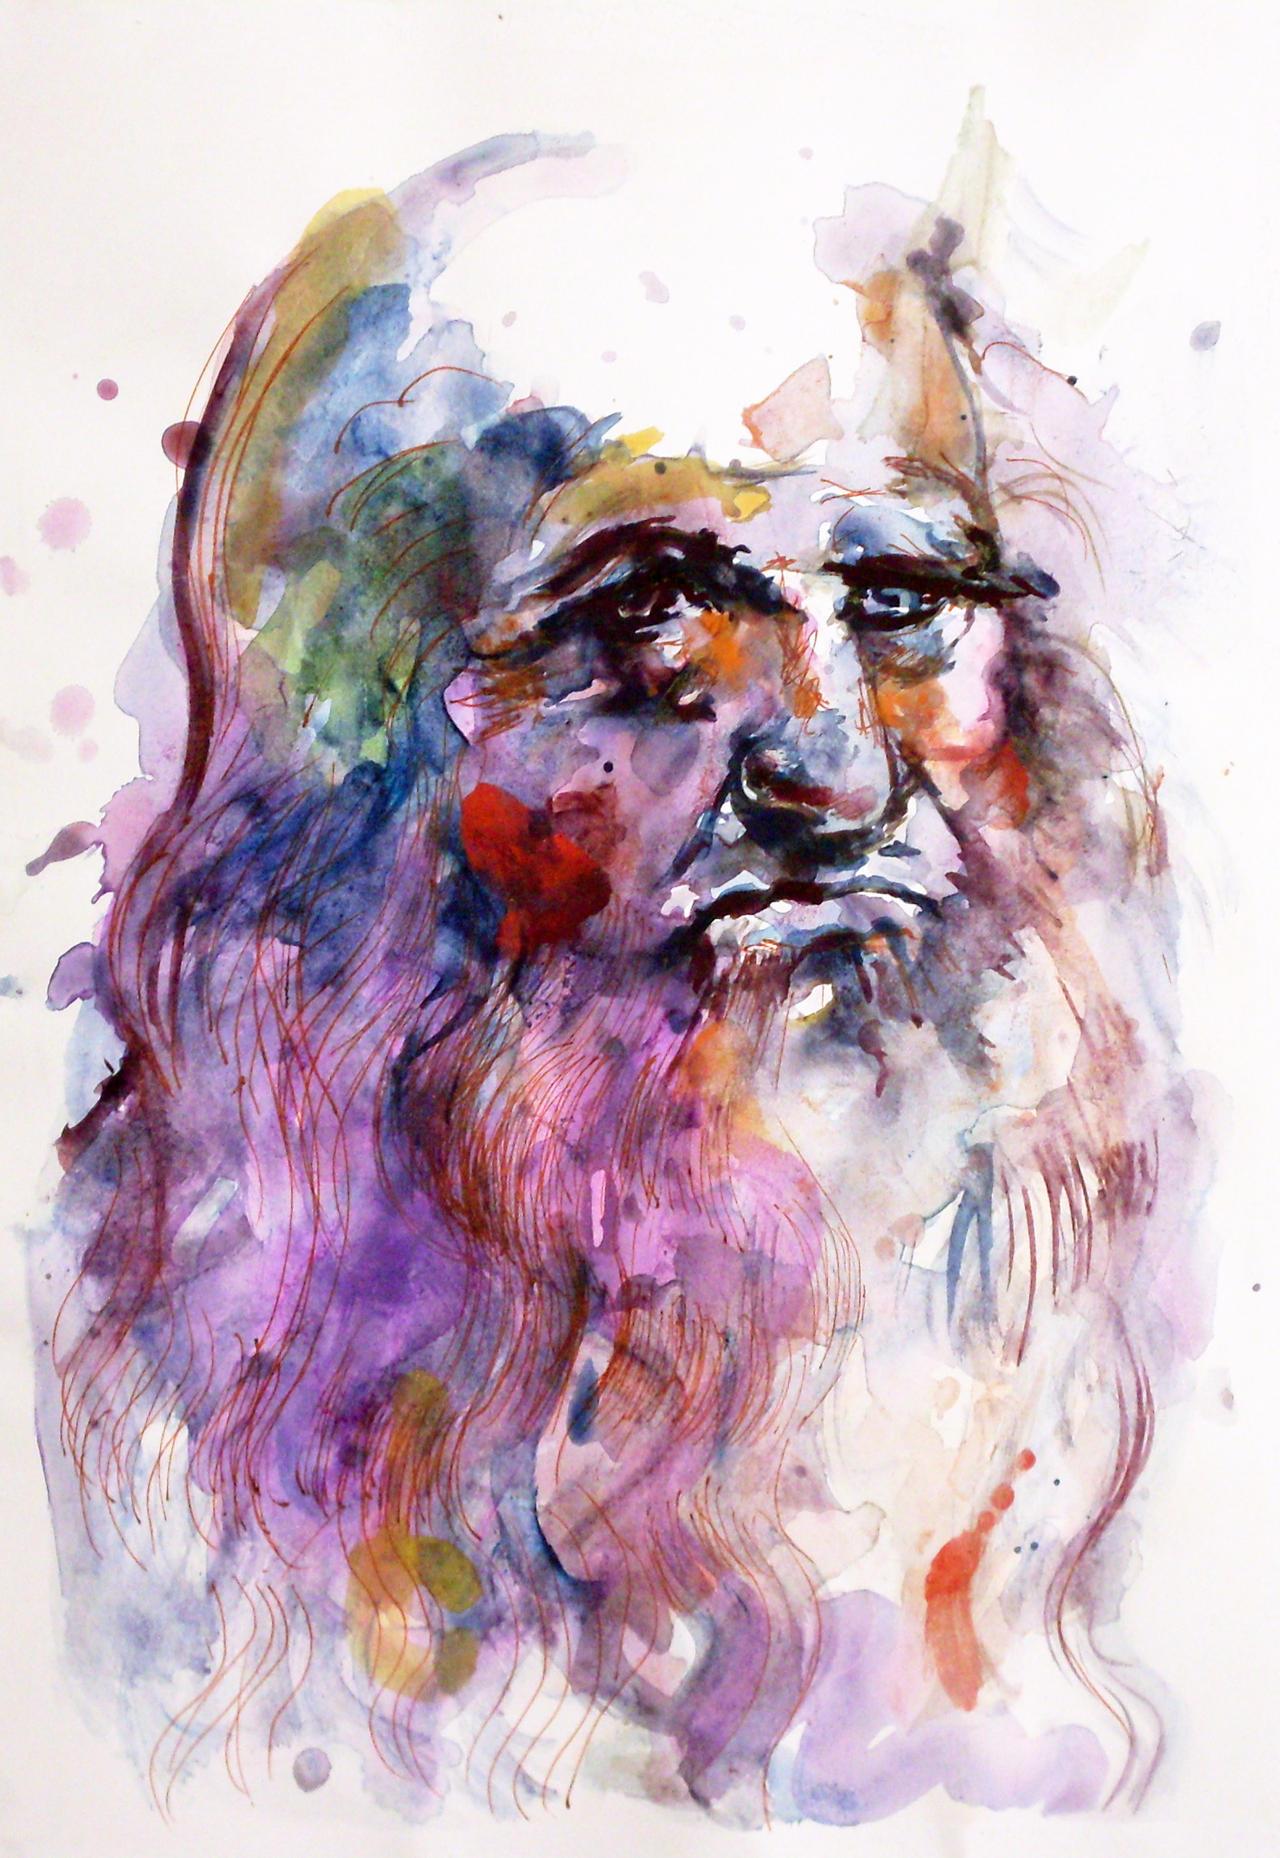 da Vinci by Howard0